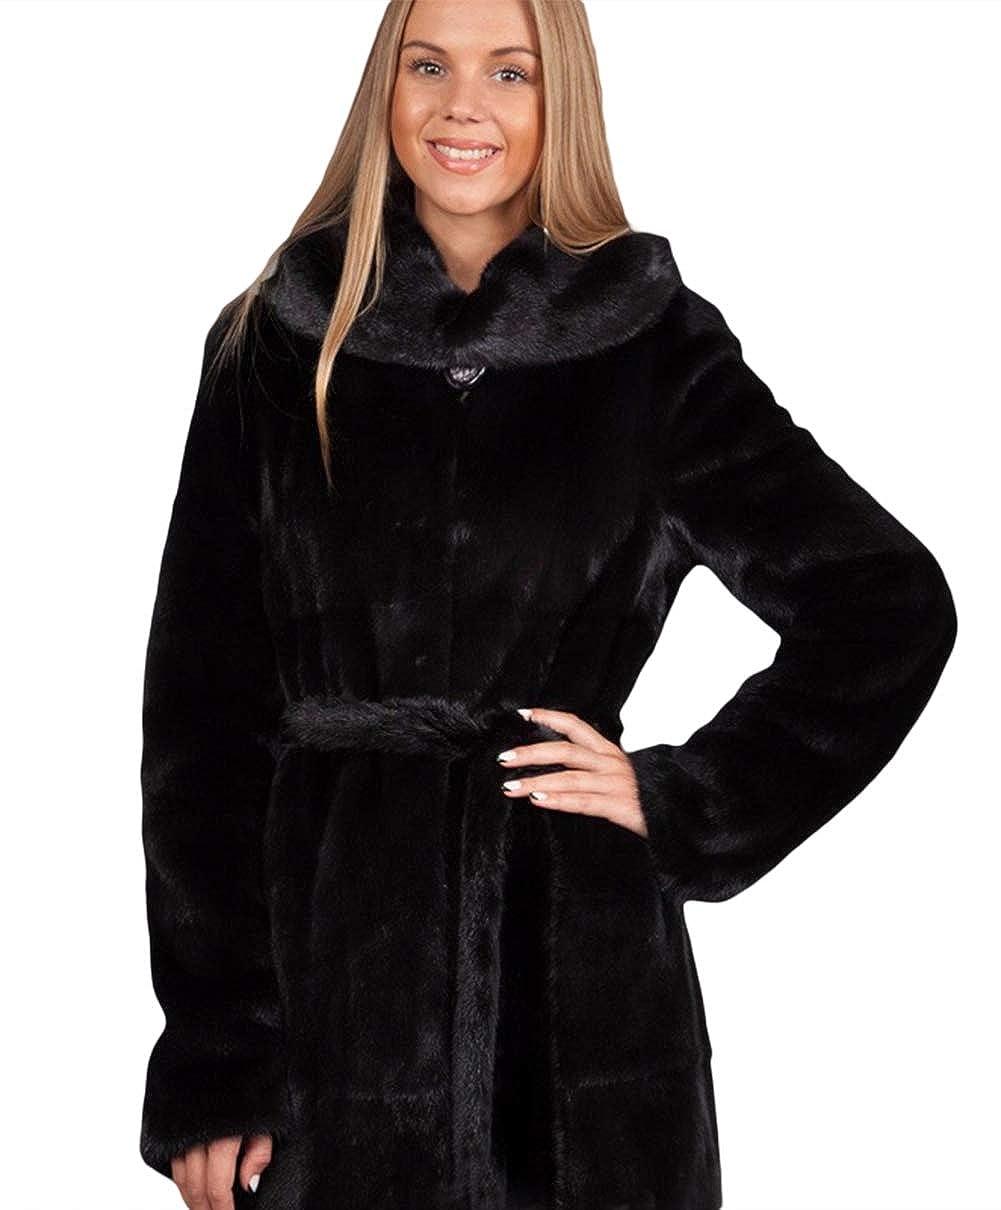 Style 2 LIVEINU Women Faux Fur Coat Jackets Luxury Winter Long Outerwear Parkas